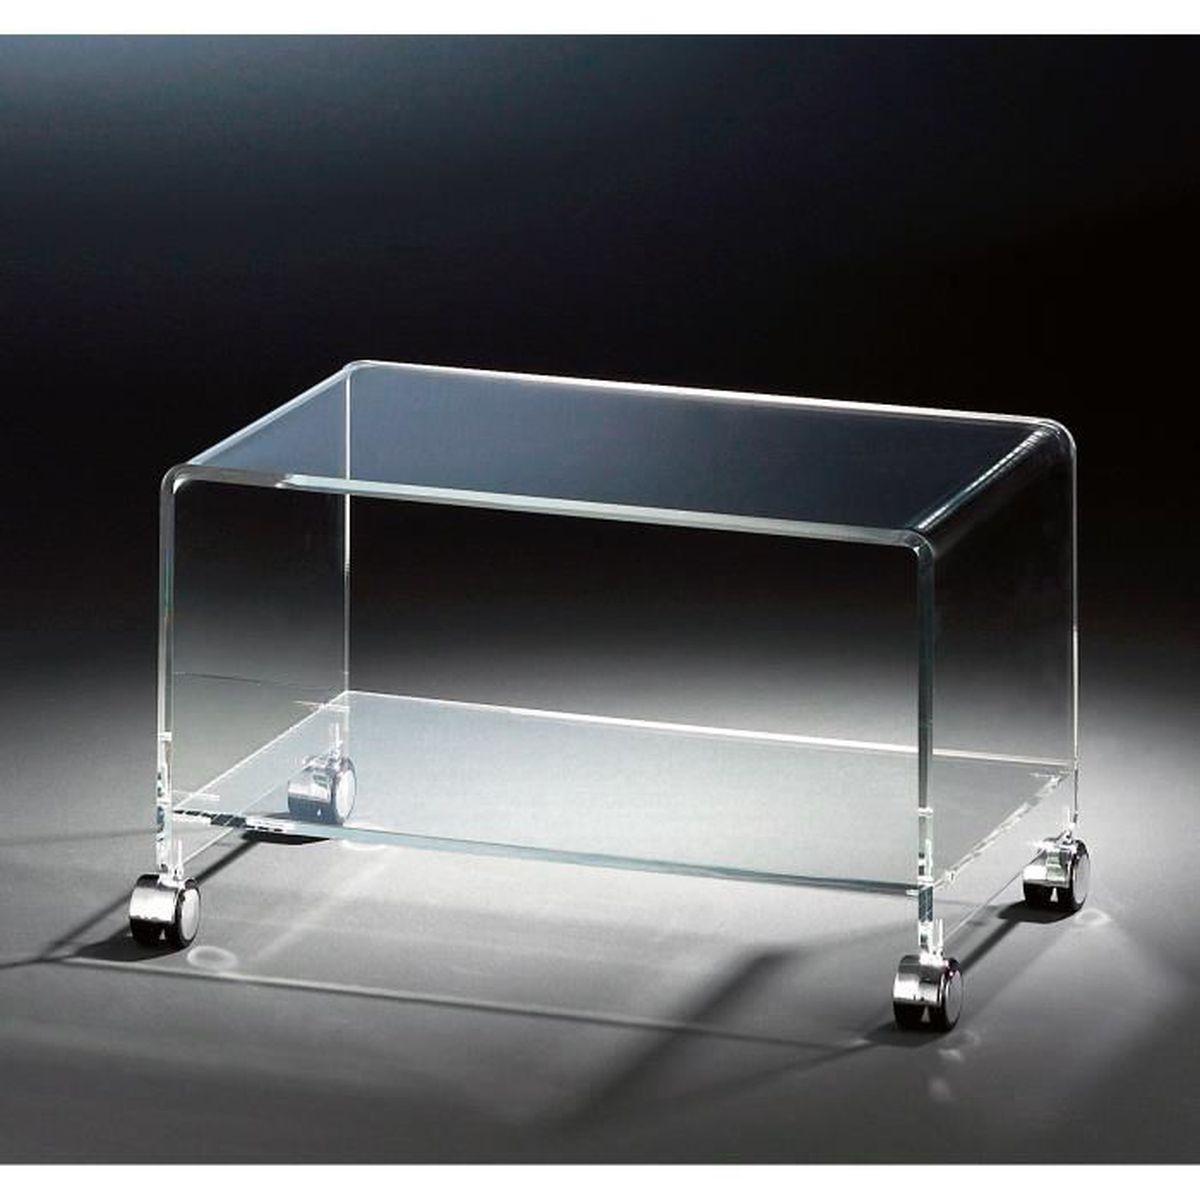 meuble tv mobile en acrylique haute qualit 4 roulettes chromique transparent 63 x 38 cm h. Black Bedroom Furniture Sets. Home Design Ideas